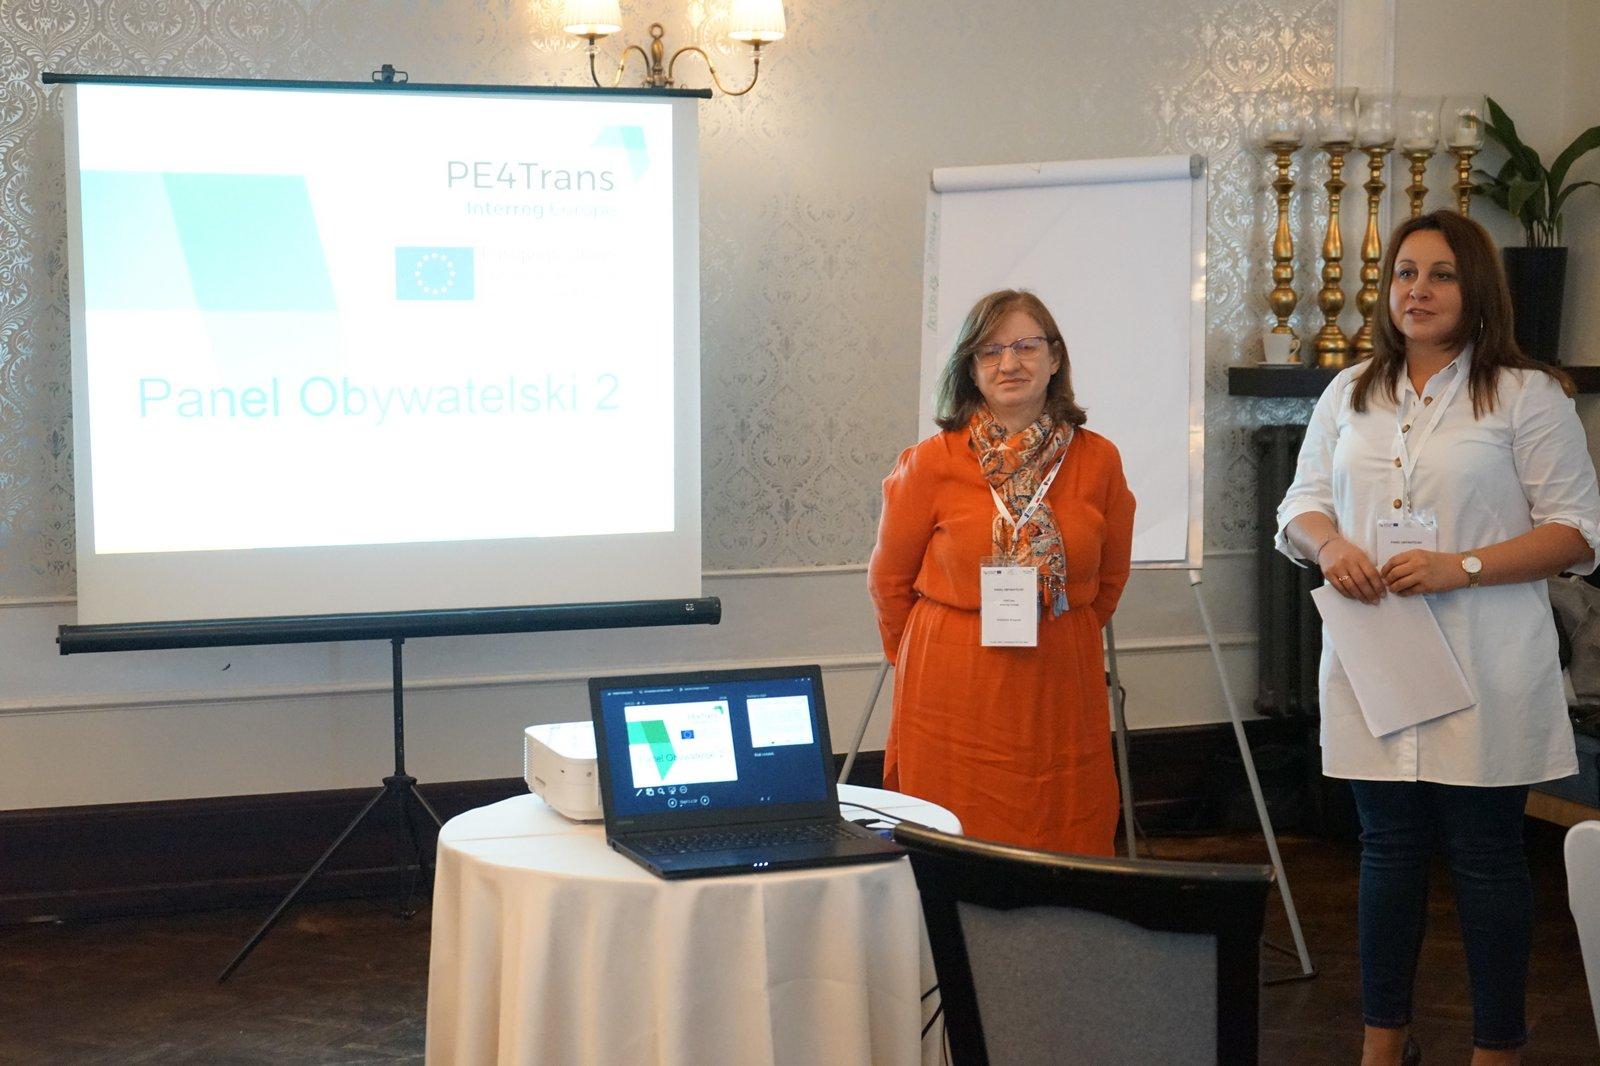 dsc09935 - Mieszkańcy Aglomeracji Kalisko – Ostrowskiej mają głos ws. komunikacji w ramach PE4Trans